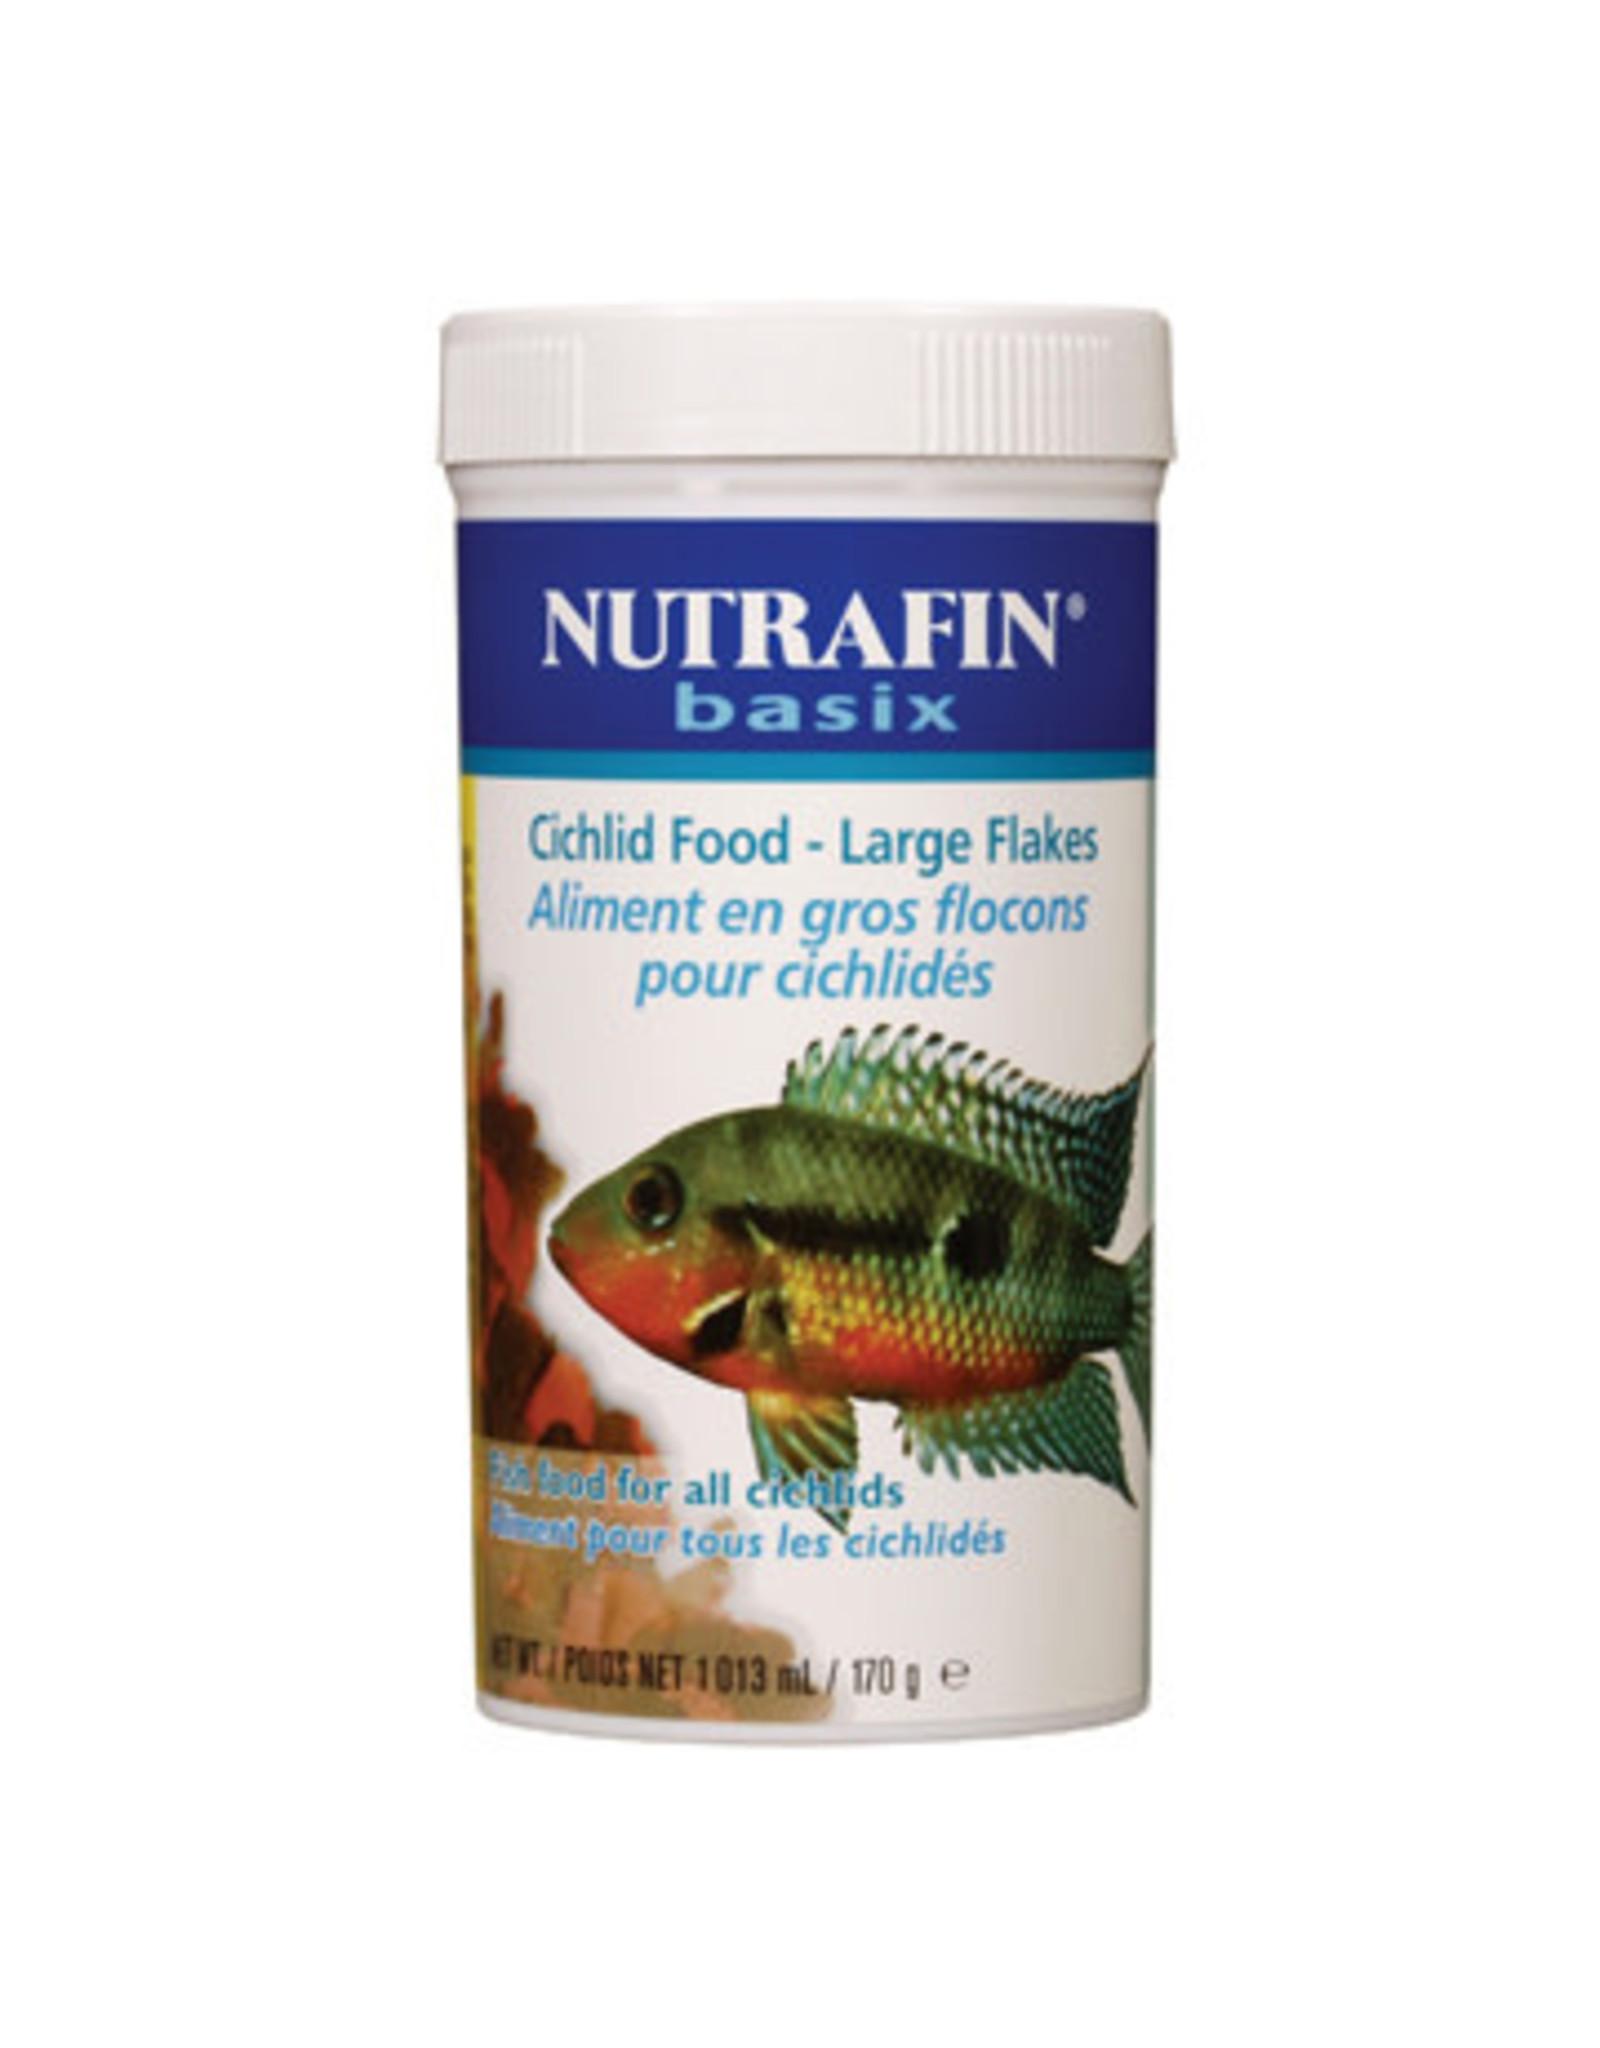 Nutrafin Nutrafin basix Cichlid Food, large flakes, 170 g (6 oz)